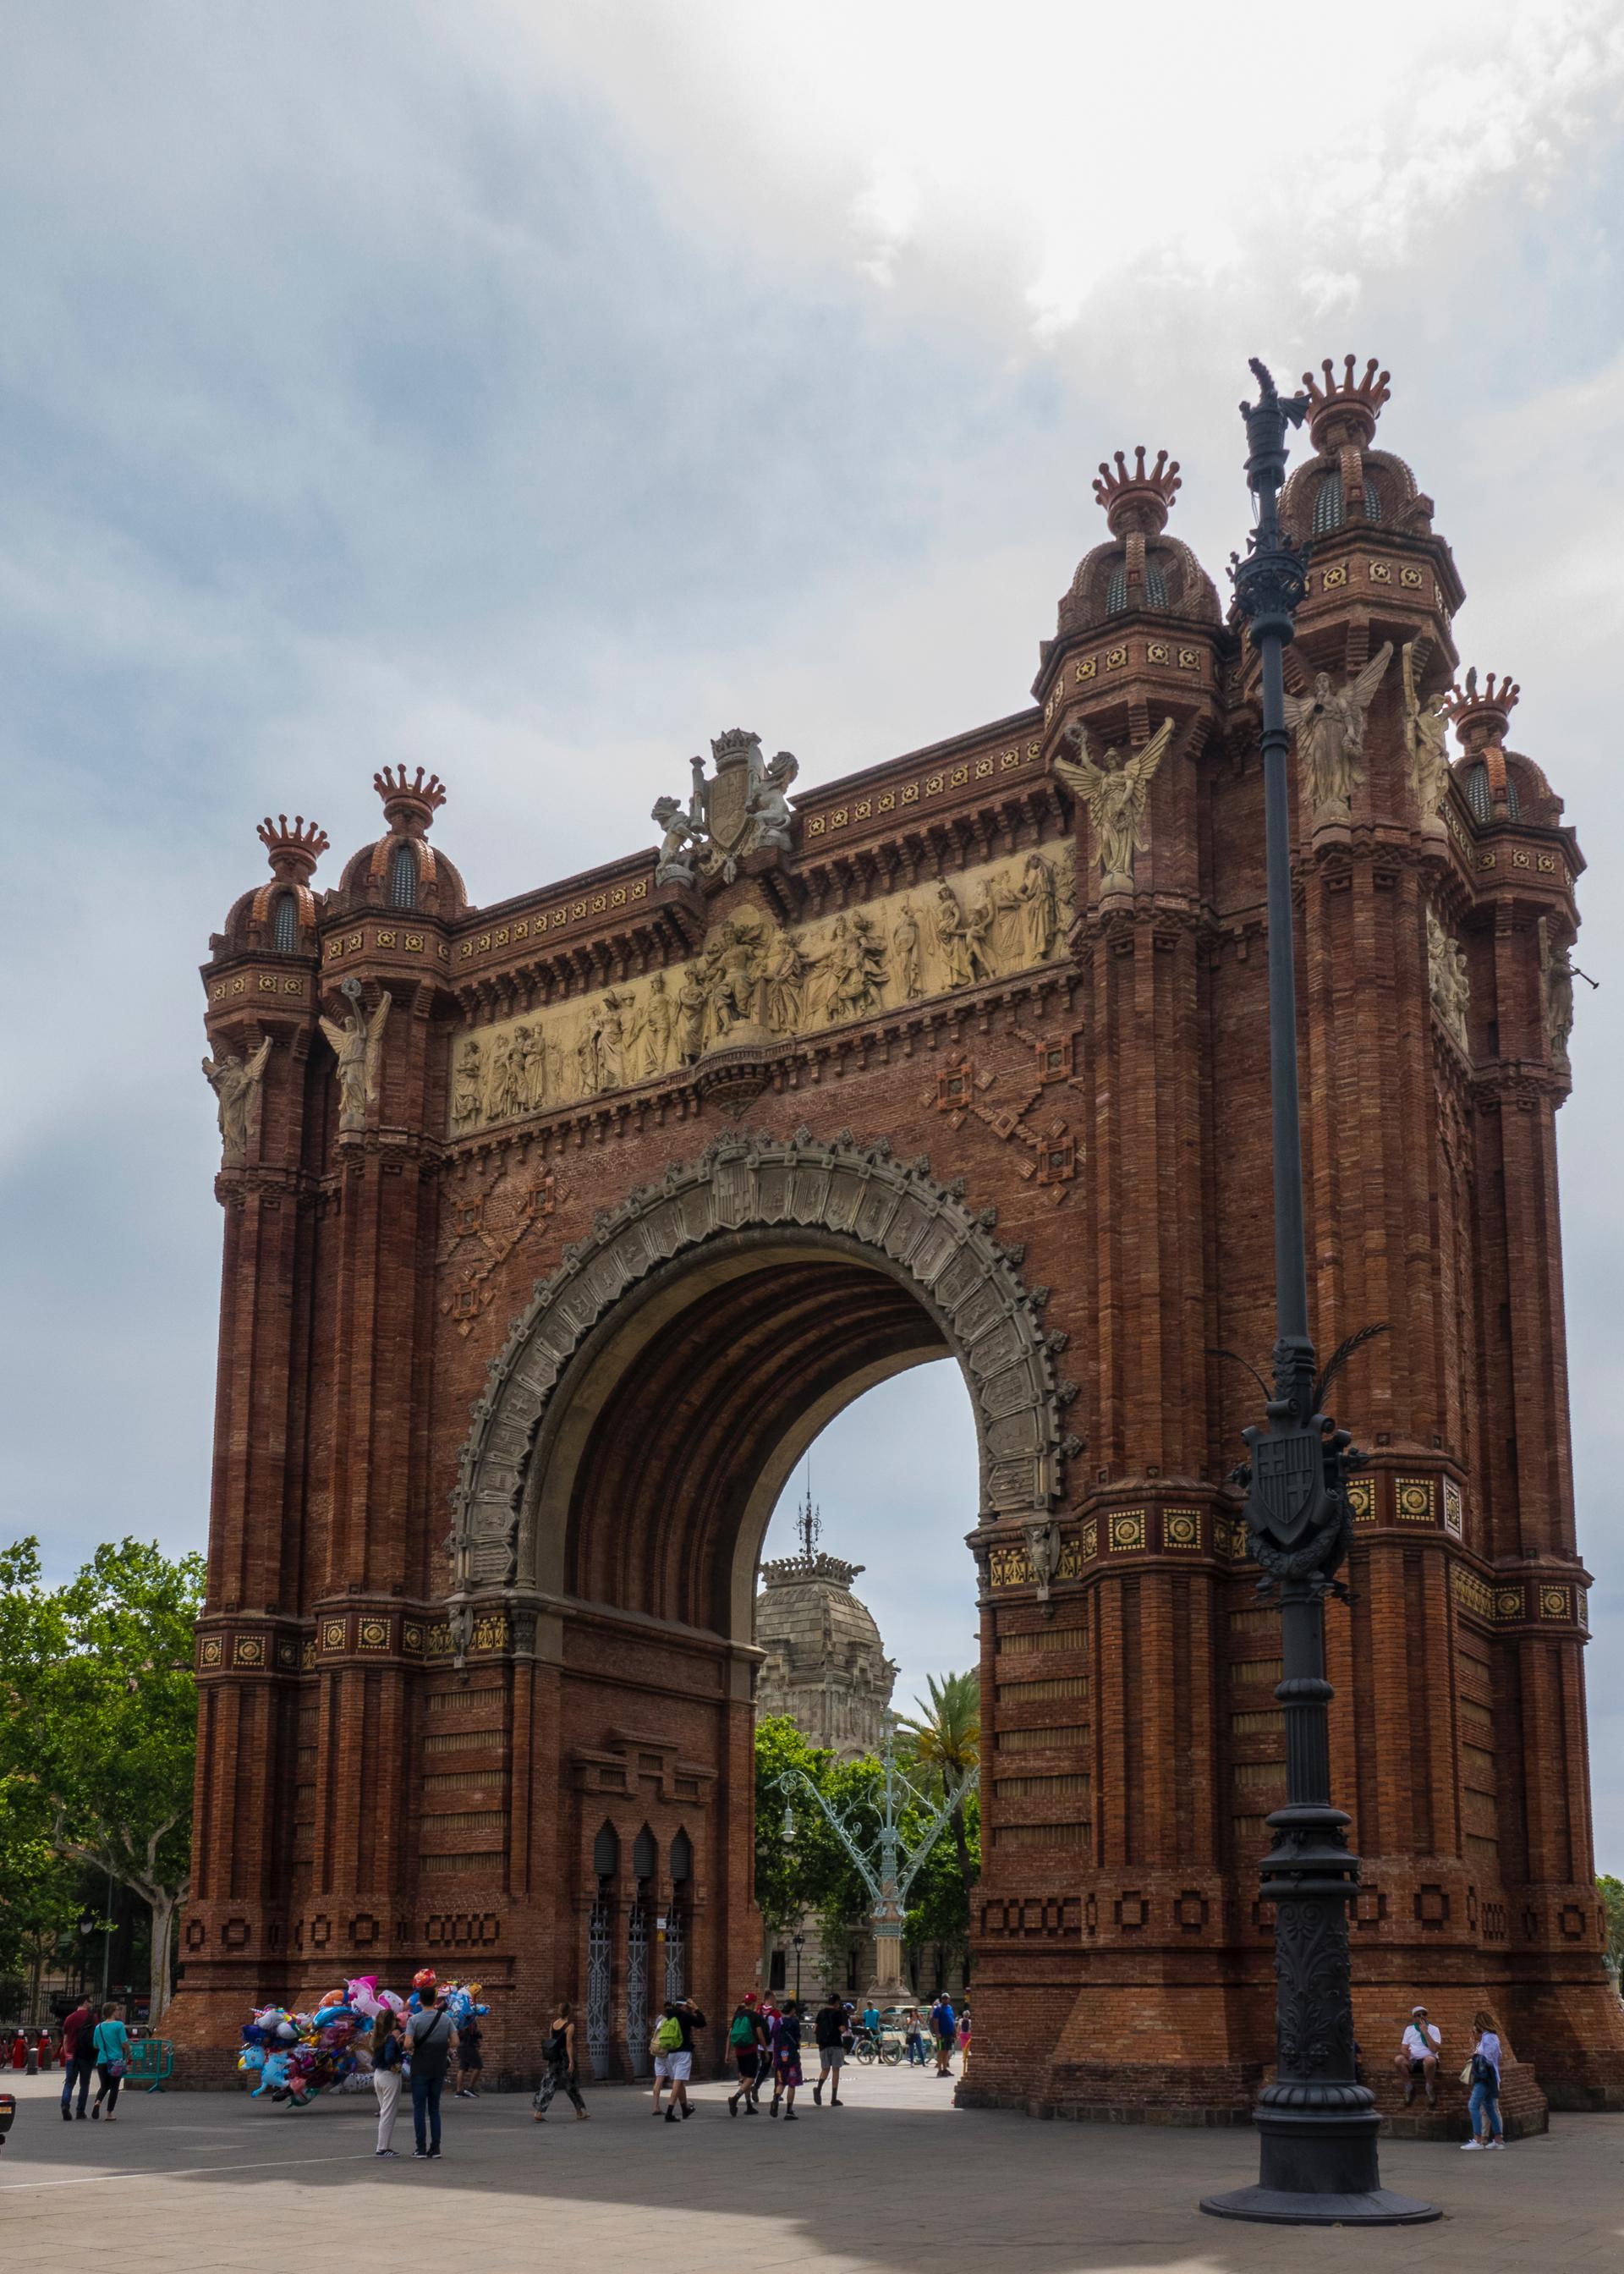 Barcelona has its own Arc de Triomphe